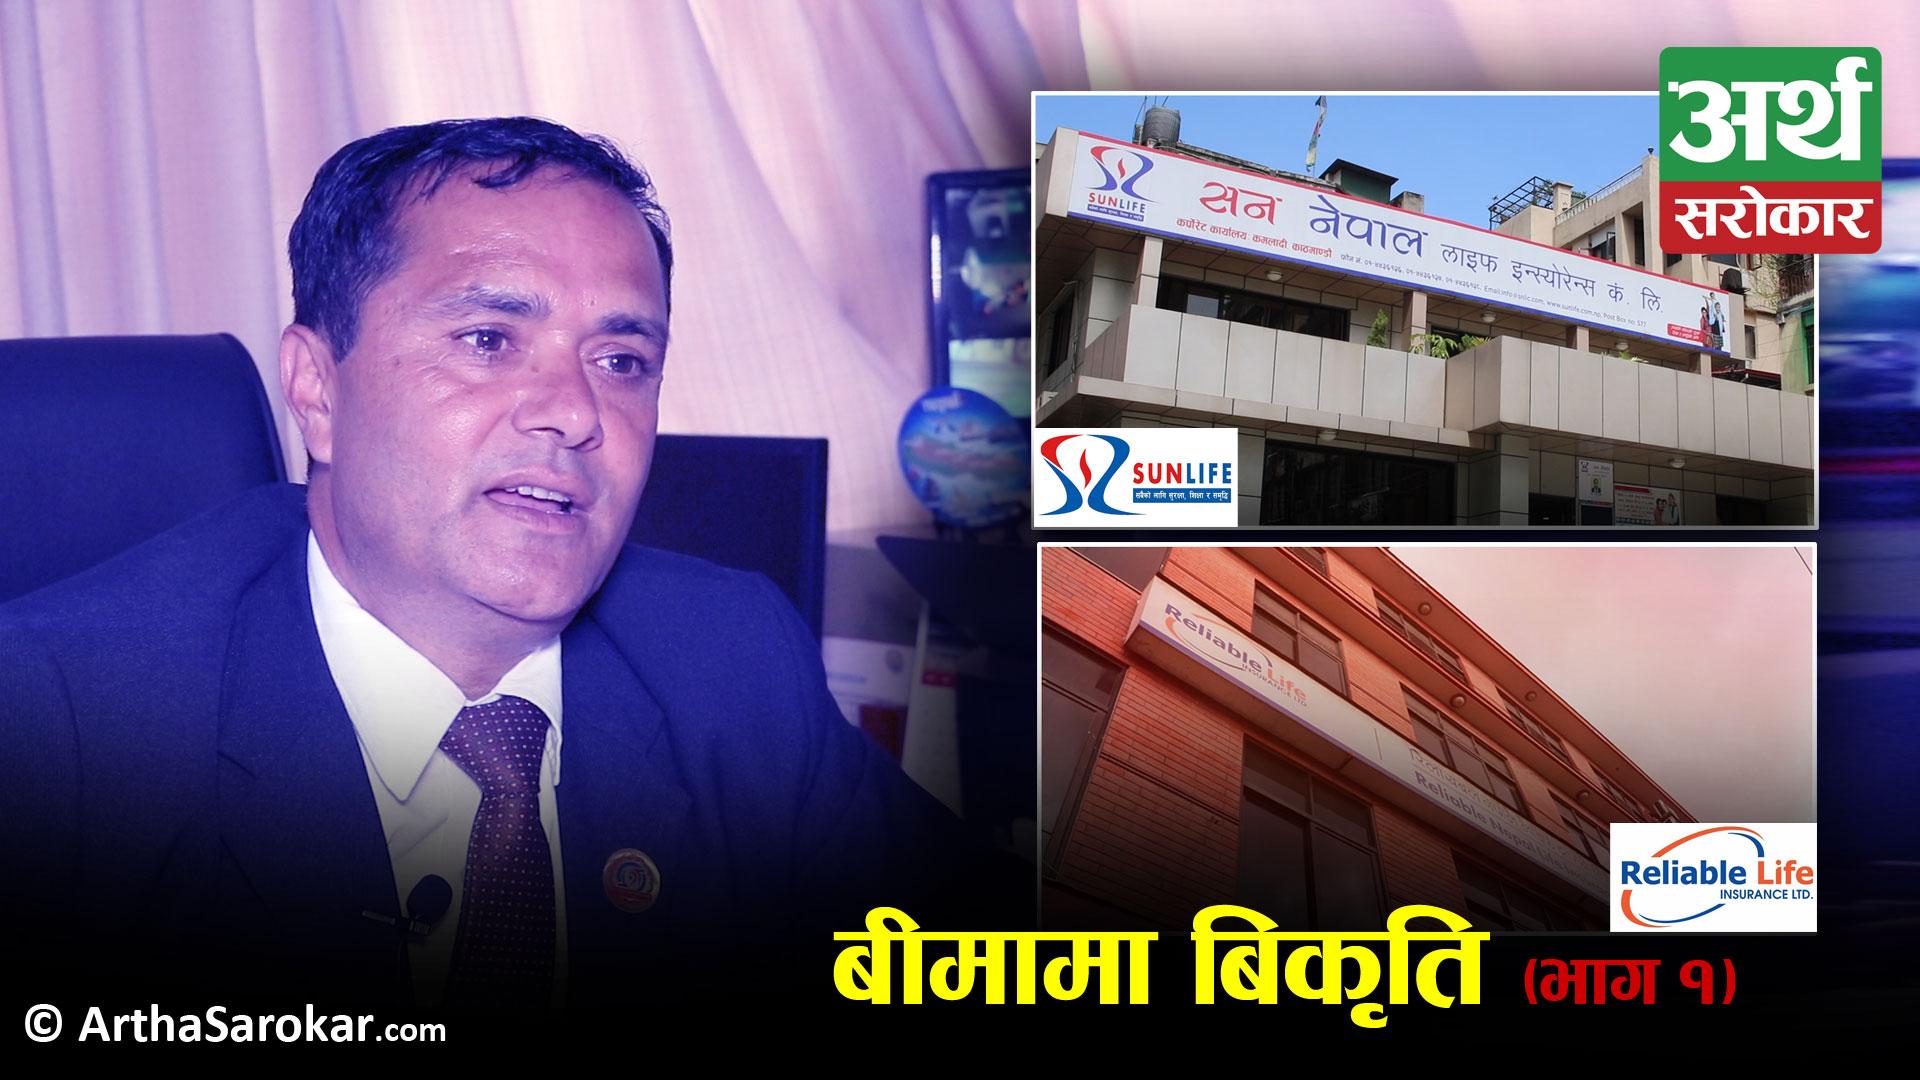 Exclusive: खारेज हुनुपर्ने रिलायबल नेपाल लाइफ र सन नेपाल लाइफ जनता झुक्याउँदै, बीमा समिति किन मौन ? (भिडियो)